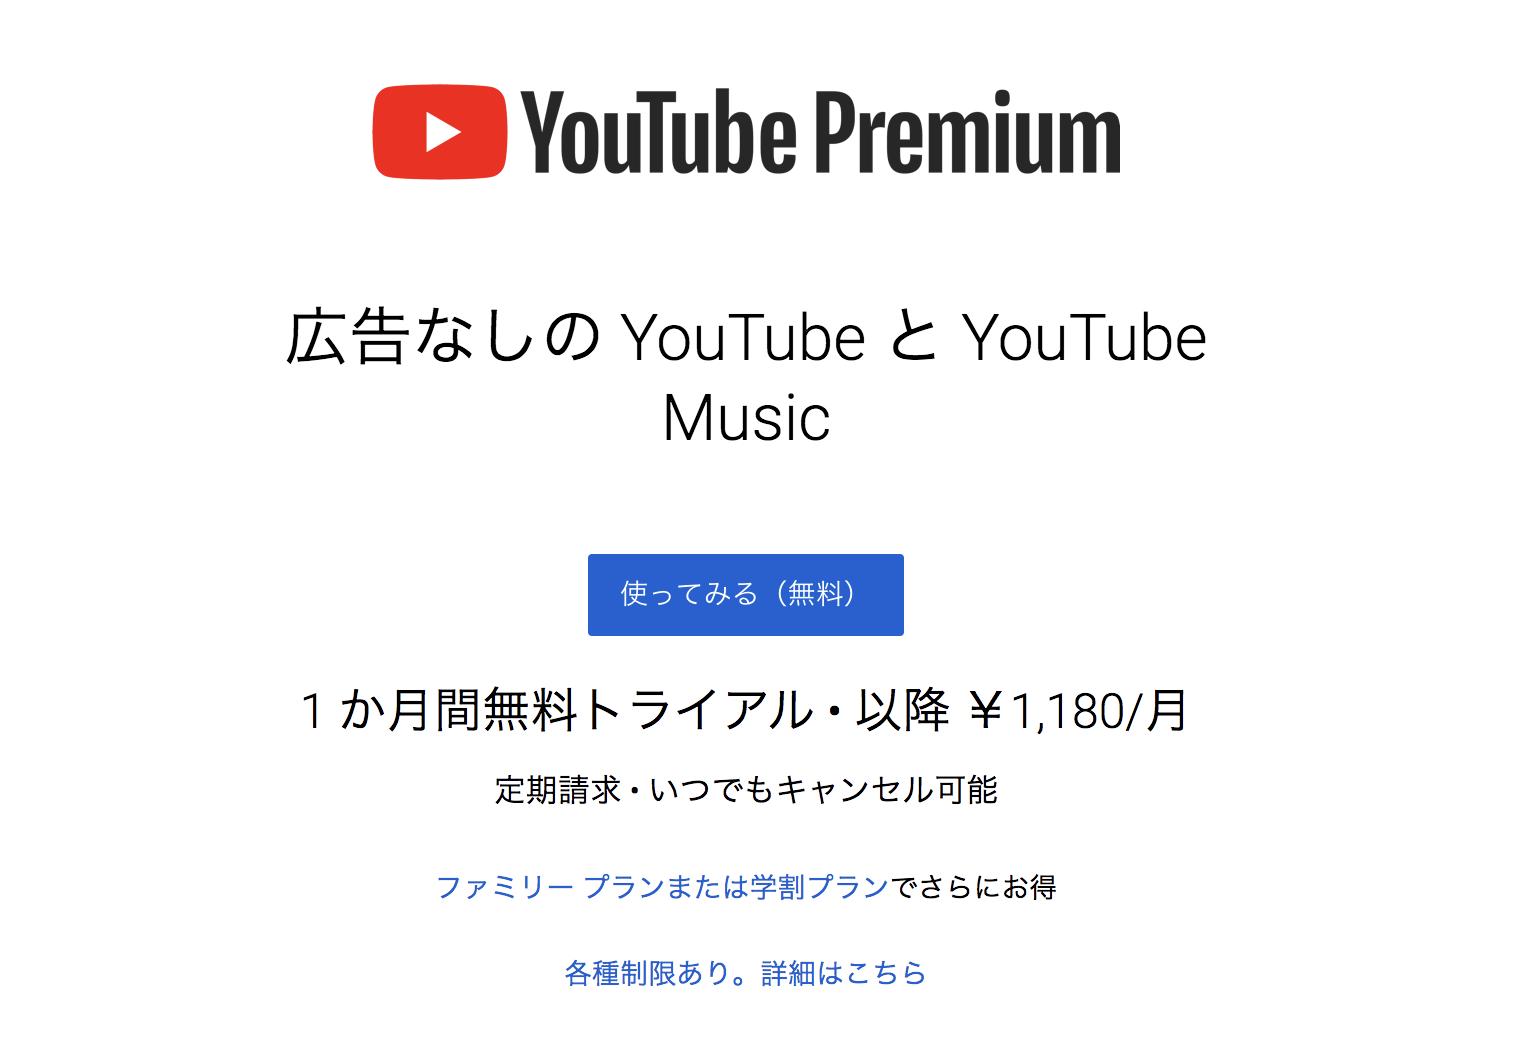 表示 youtube 広告 非